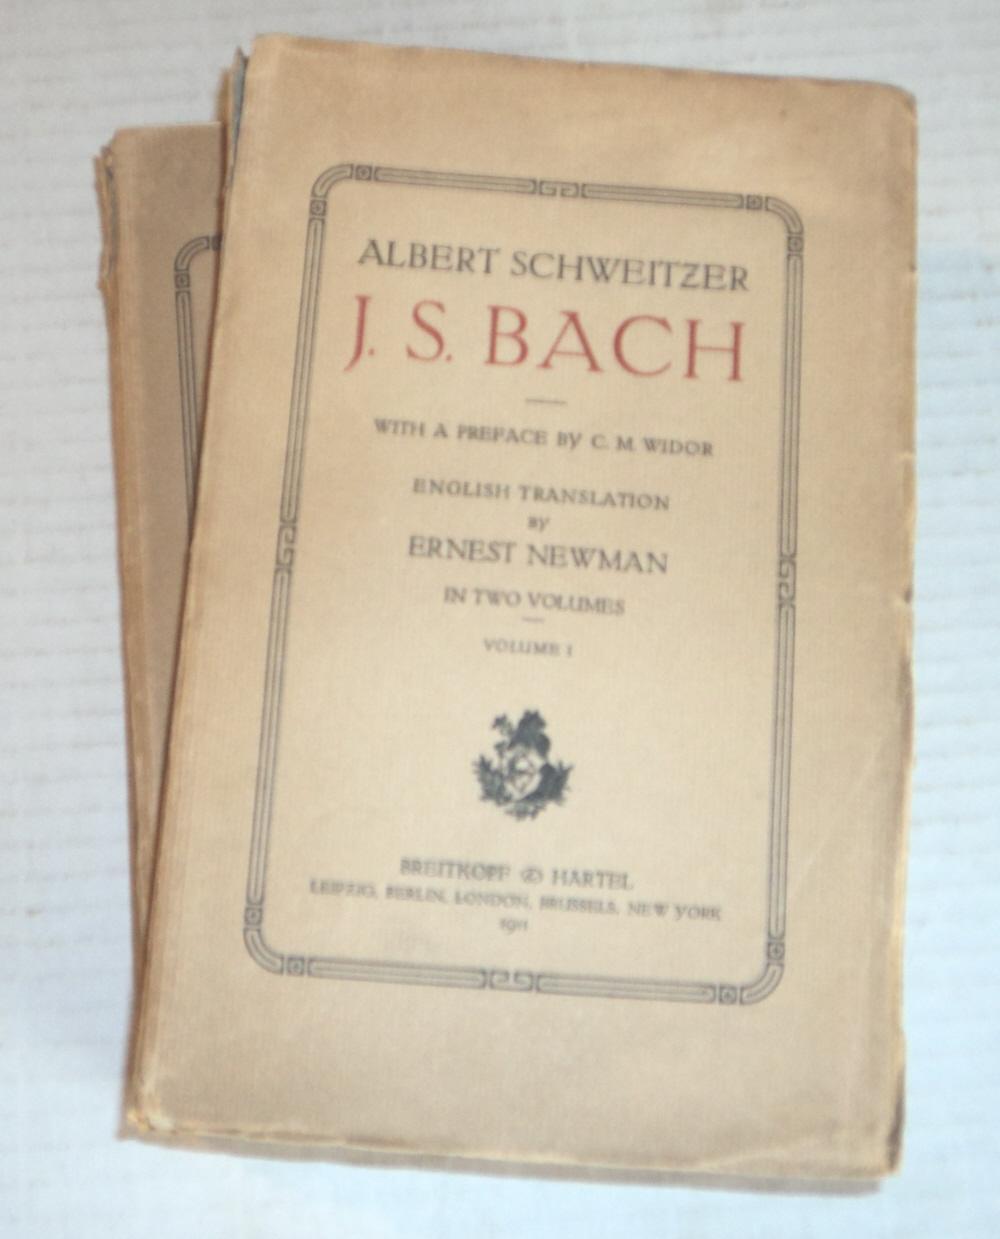 J. S. BACH. 2 volumes. (Bach, J. S.). Schweitzer, Albert.